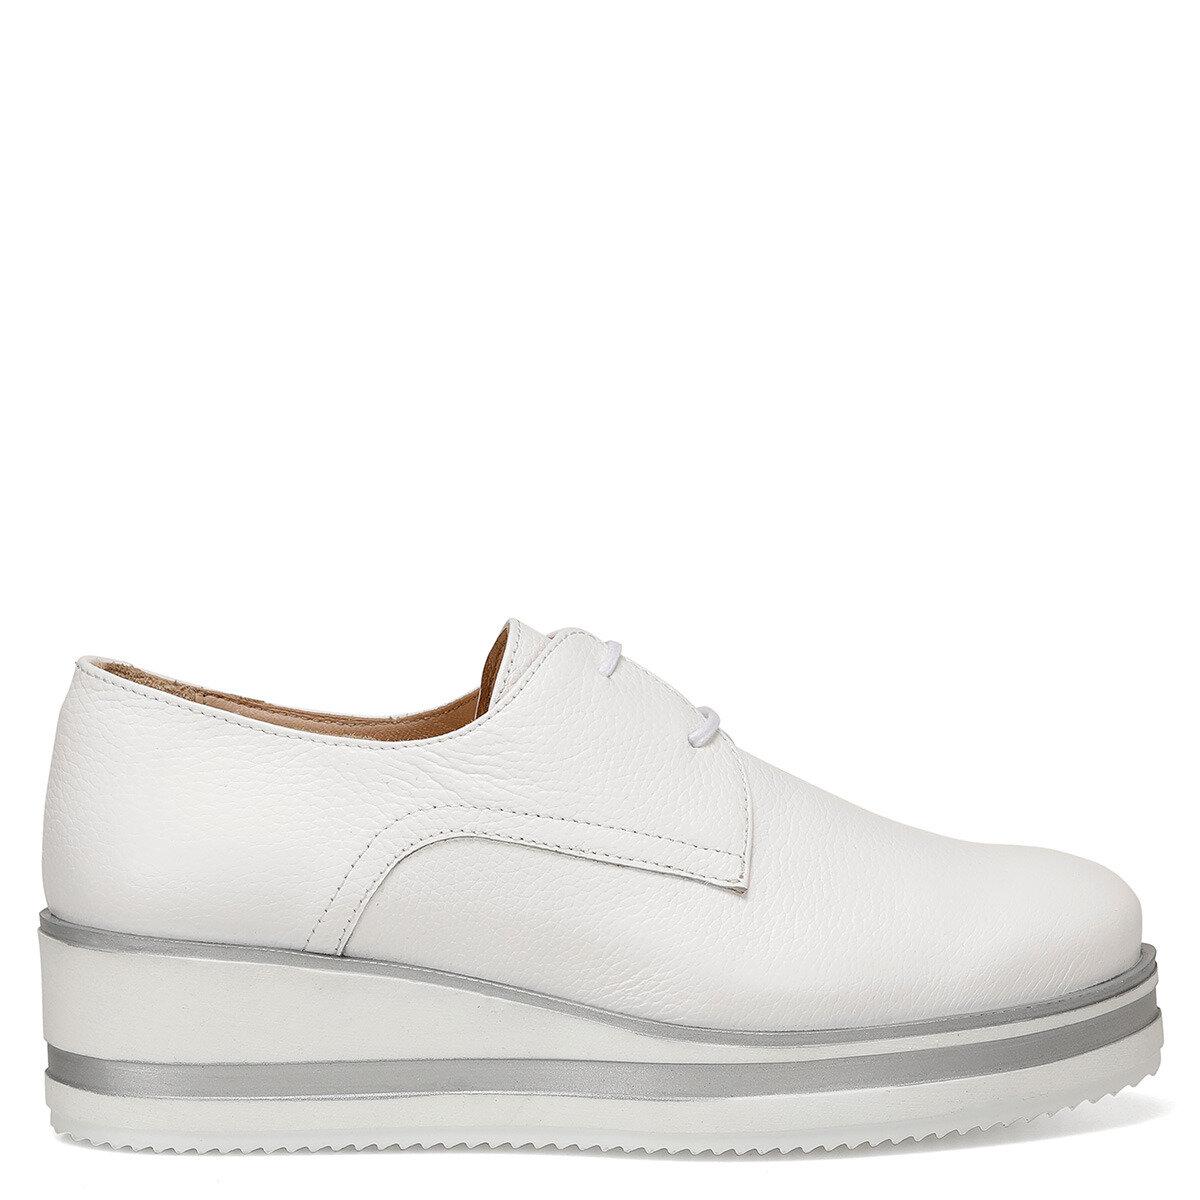 RUDOLF Beyaz Kadın Dolgu Topuk Ayakkabı